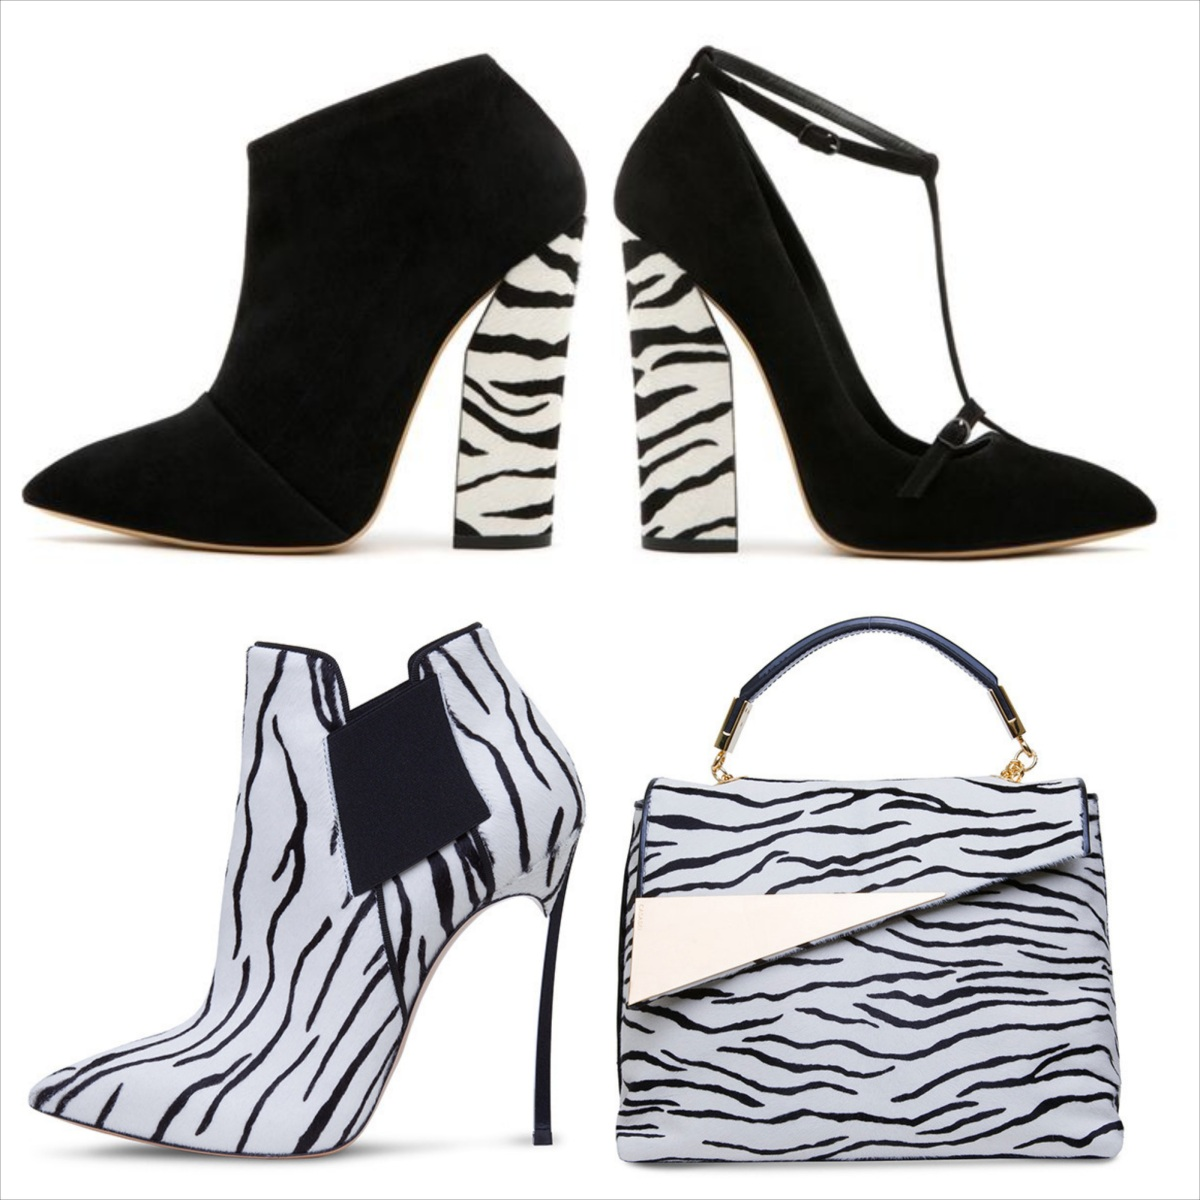 Casadei zebra Animalier collection